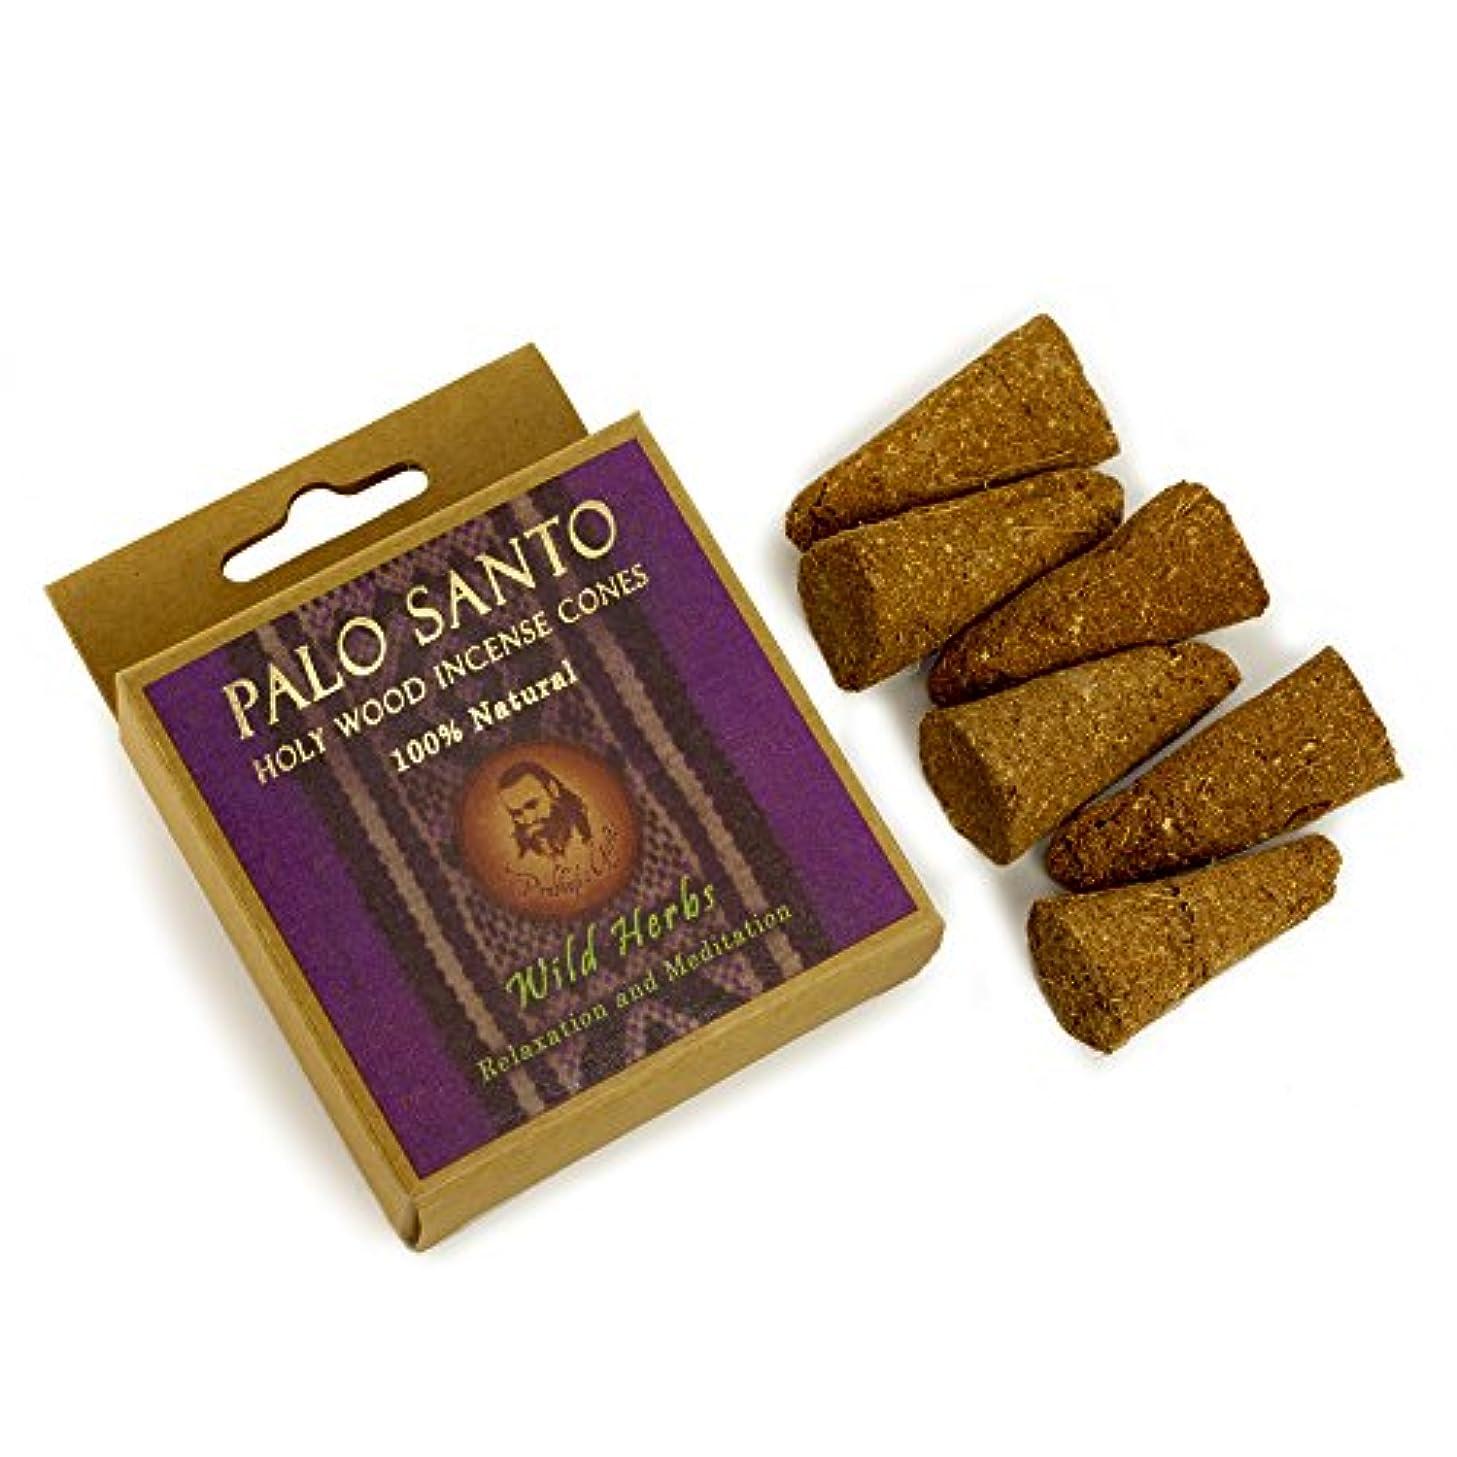 トロリー彼女認知Palo Santo and Wild herbs – Relaxation &瞑想 – 6 Incense Cones